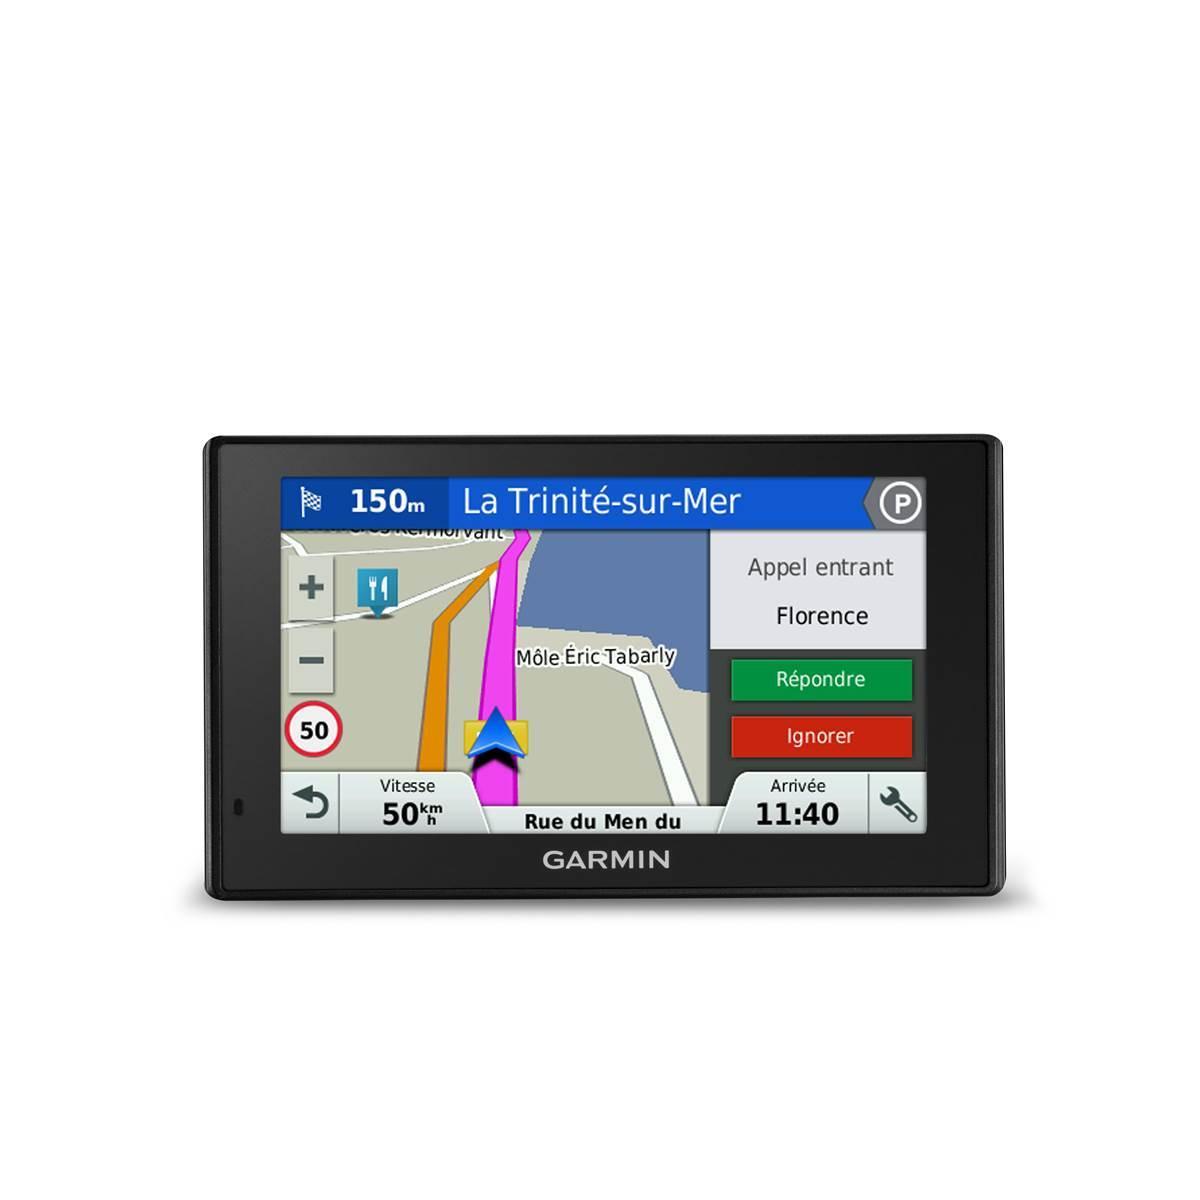 GARMIN GPS DriveSmart 51 - 010-01680-2G - Noir